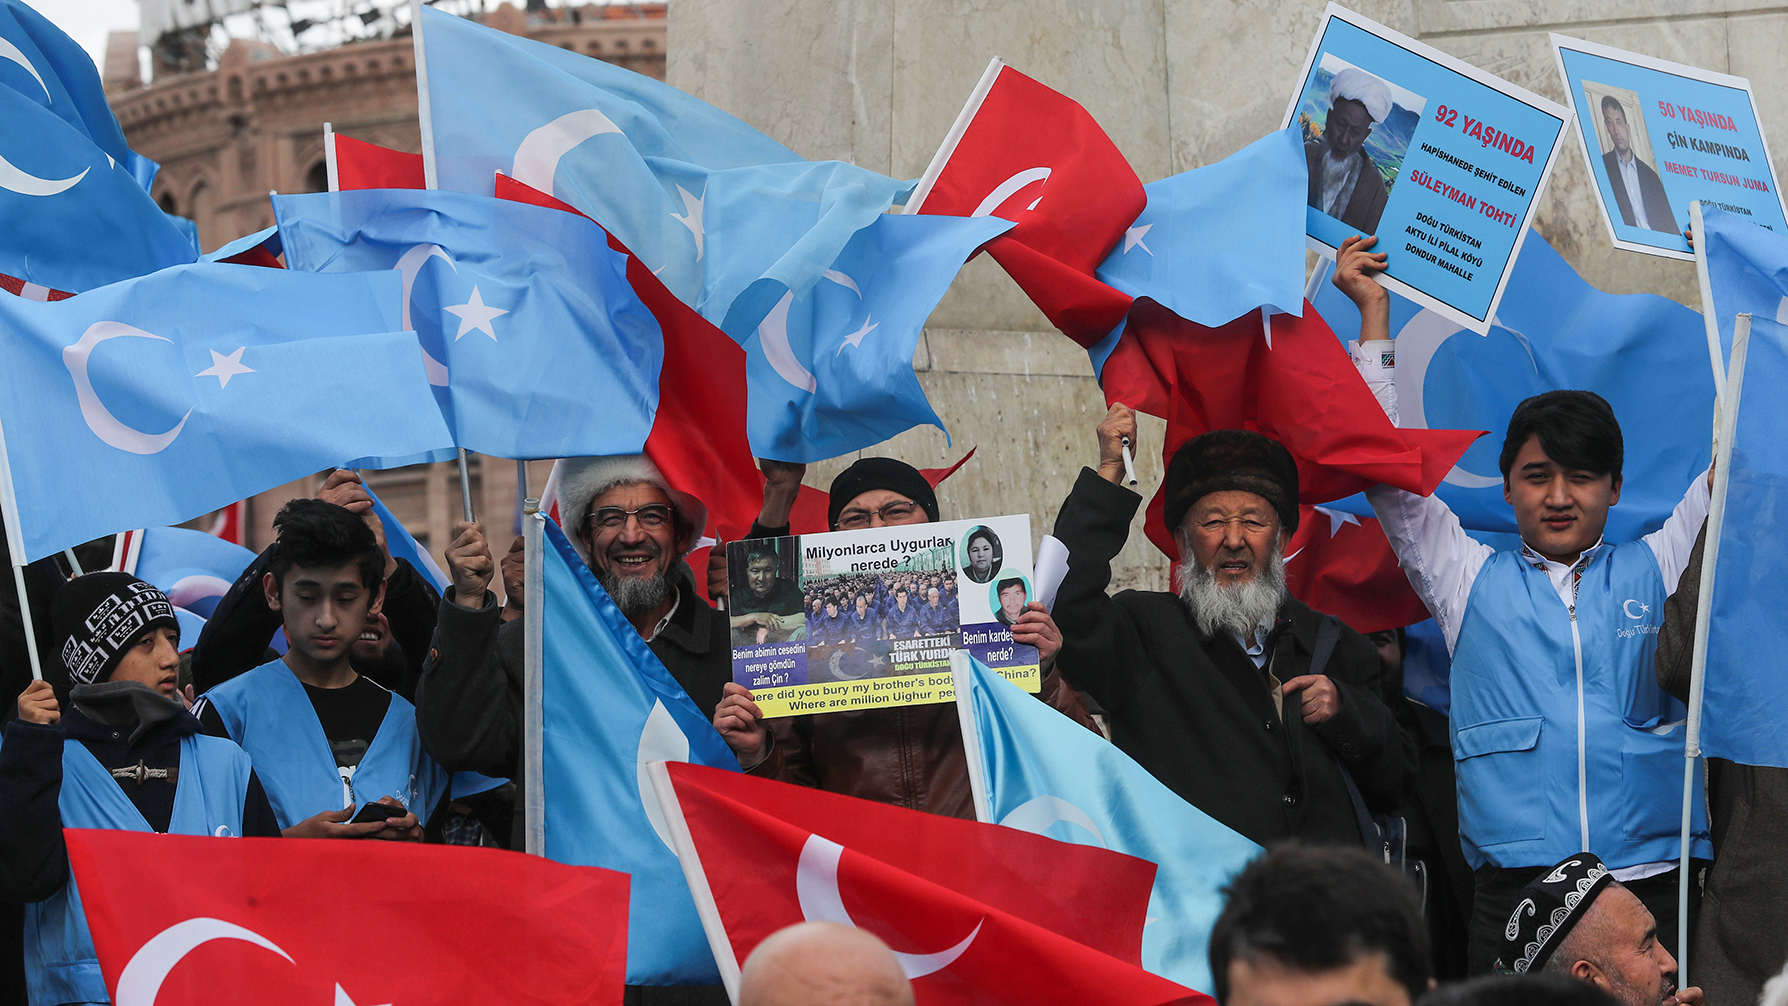 2020年2月5日,住在土耳其的维吾尔人在抗议中国政府。(法新社)